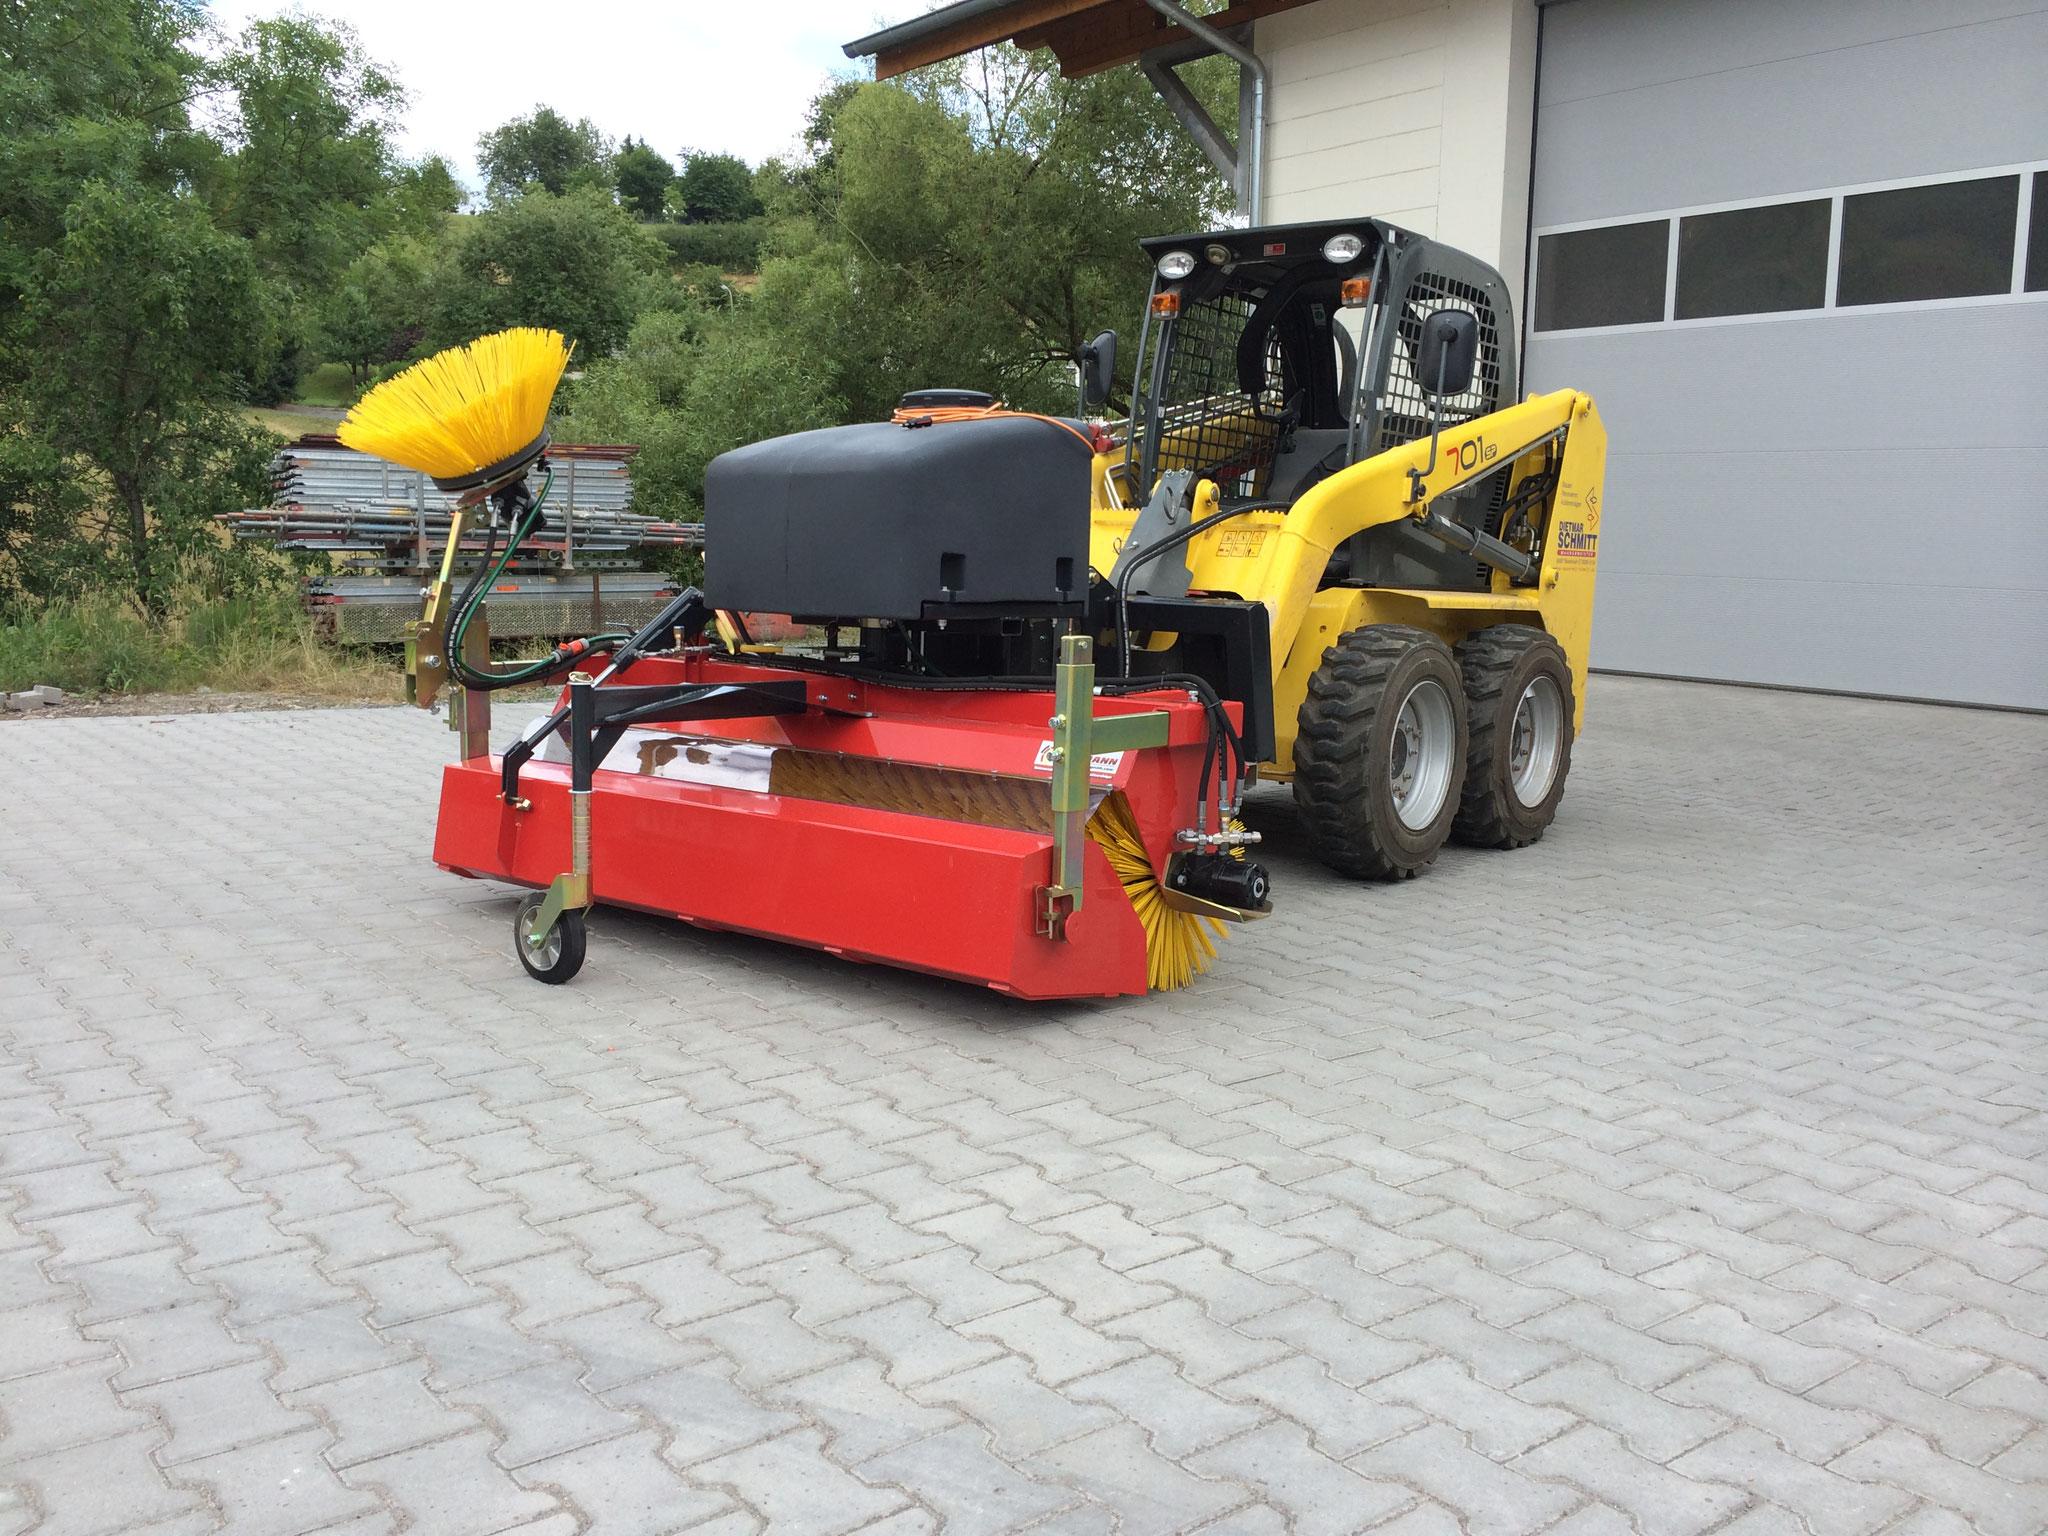 KM 570 Komfort am GEHL Kompaktlader mit Wassersprüheinrichtung und Seitenbesen